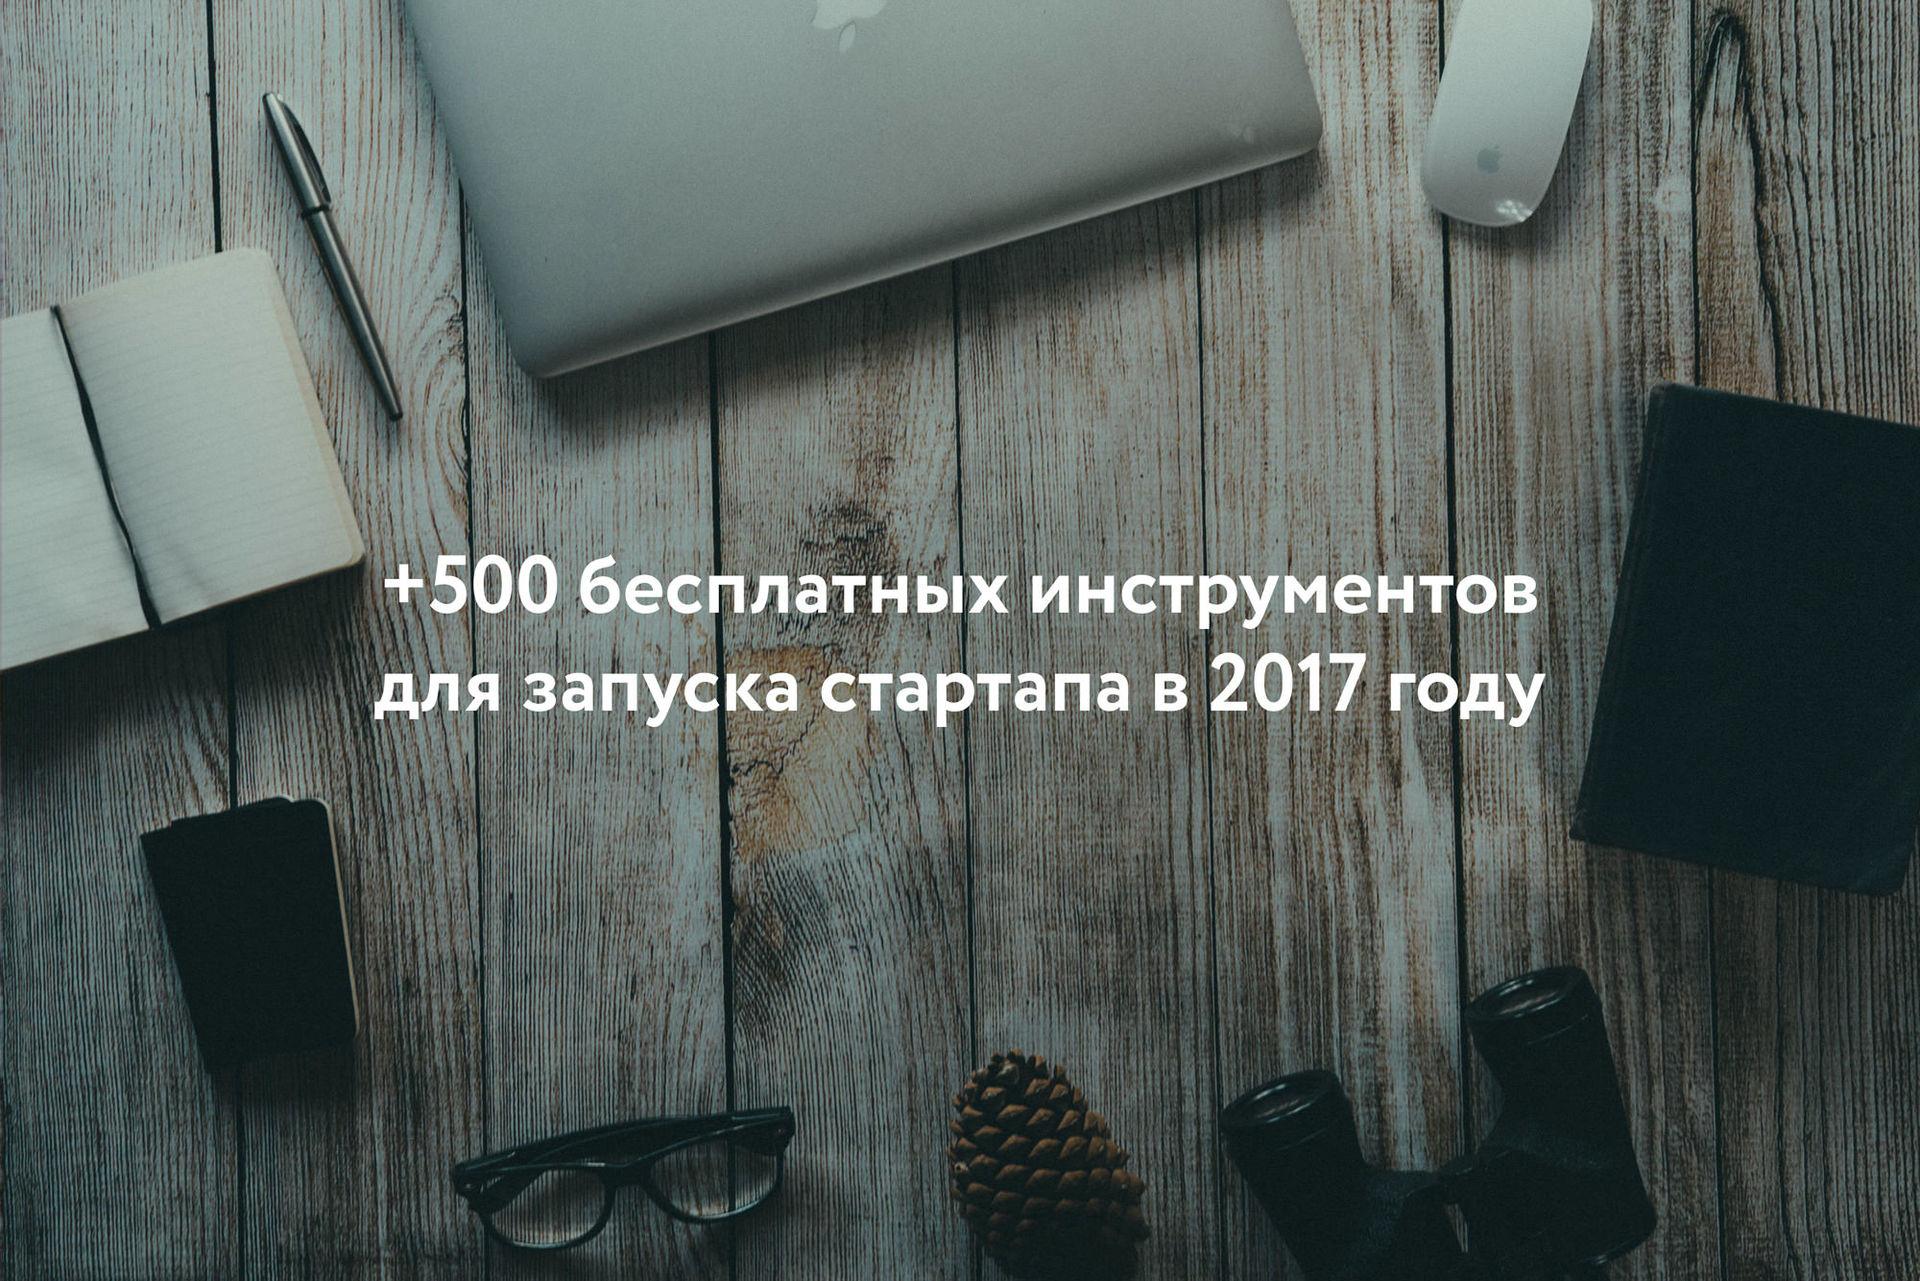 +500 бесплатных инструментов для запуска вашего стартапа в 2017 году - 1